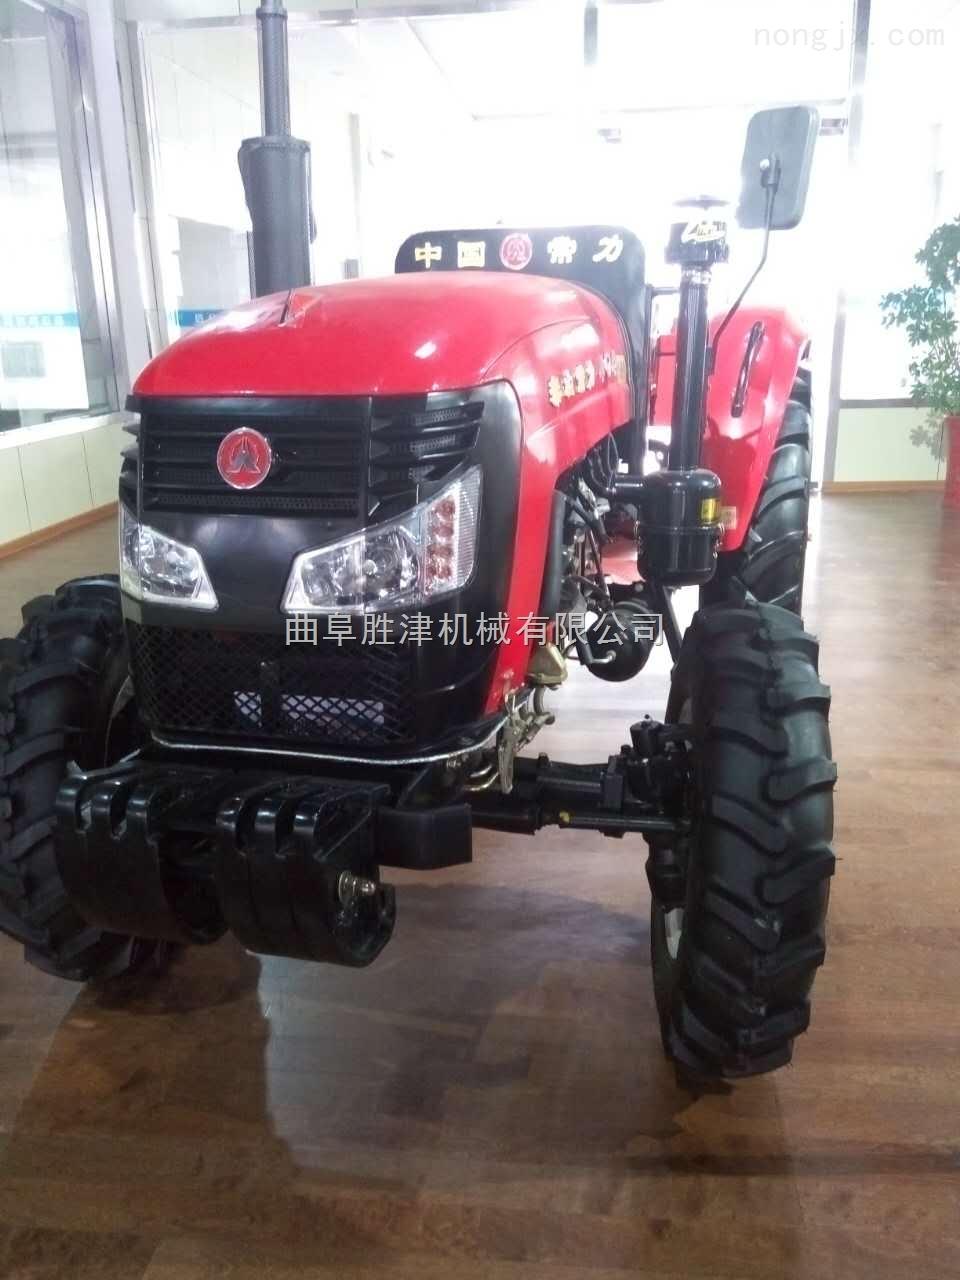 sj 国三发动机拖拉机 常柴发动机果园王拖拉机价格